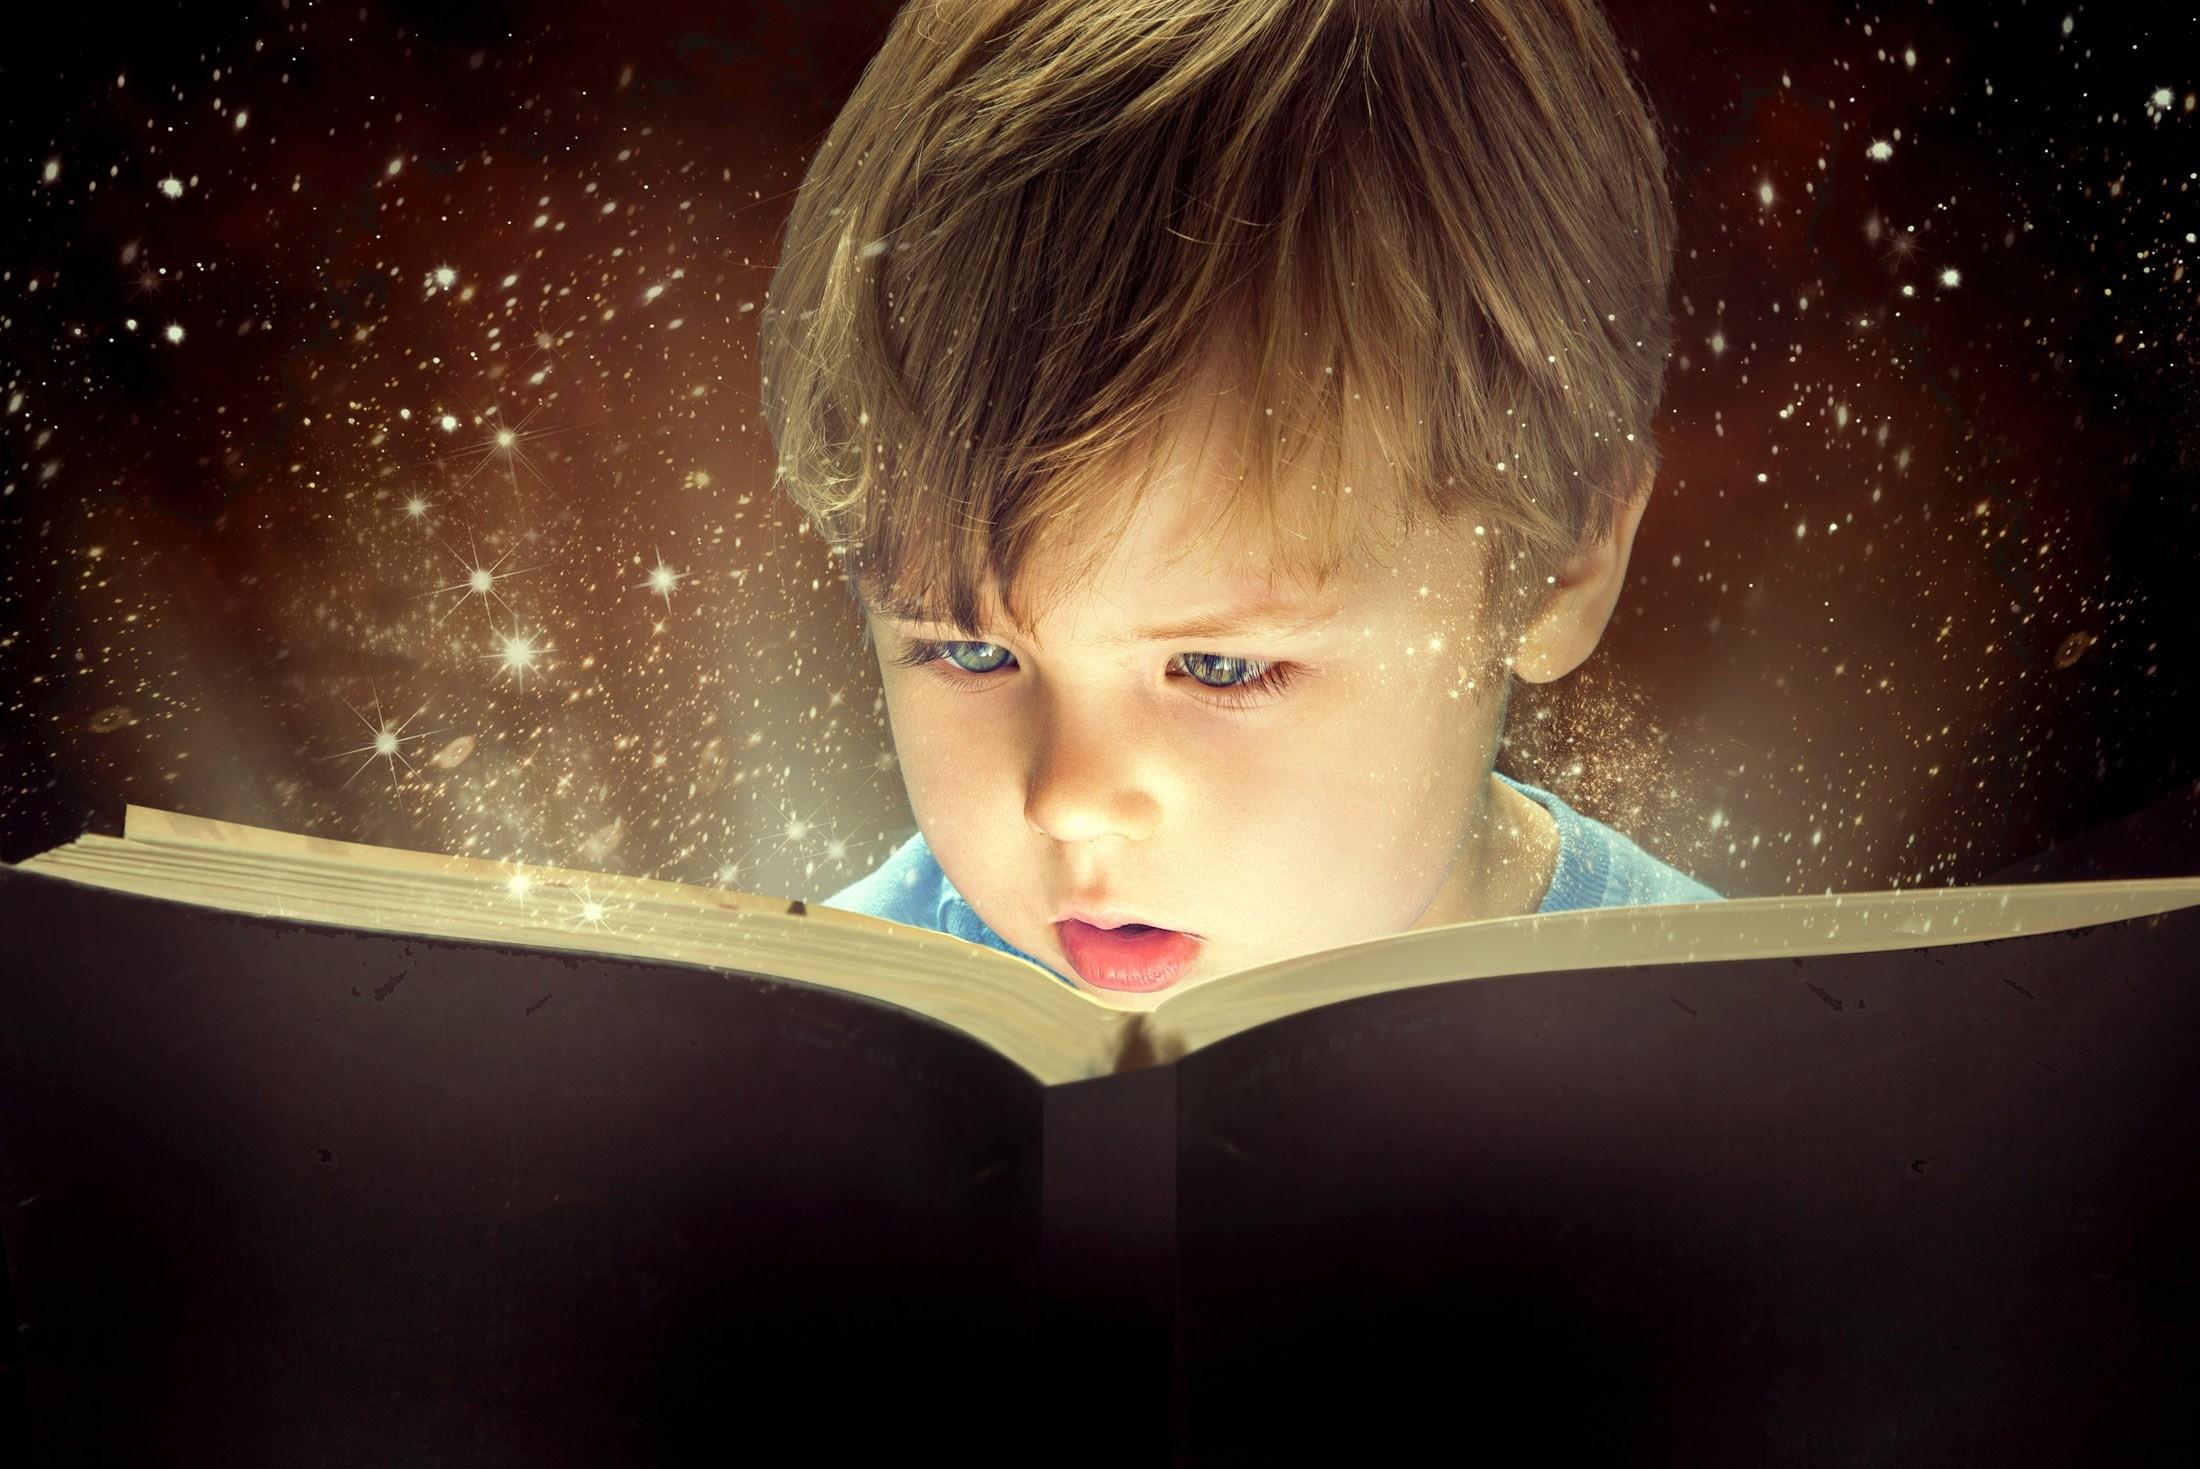 Прочтите это немедленно: скорочтение для детей и взрослых